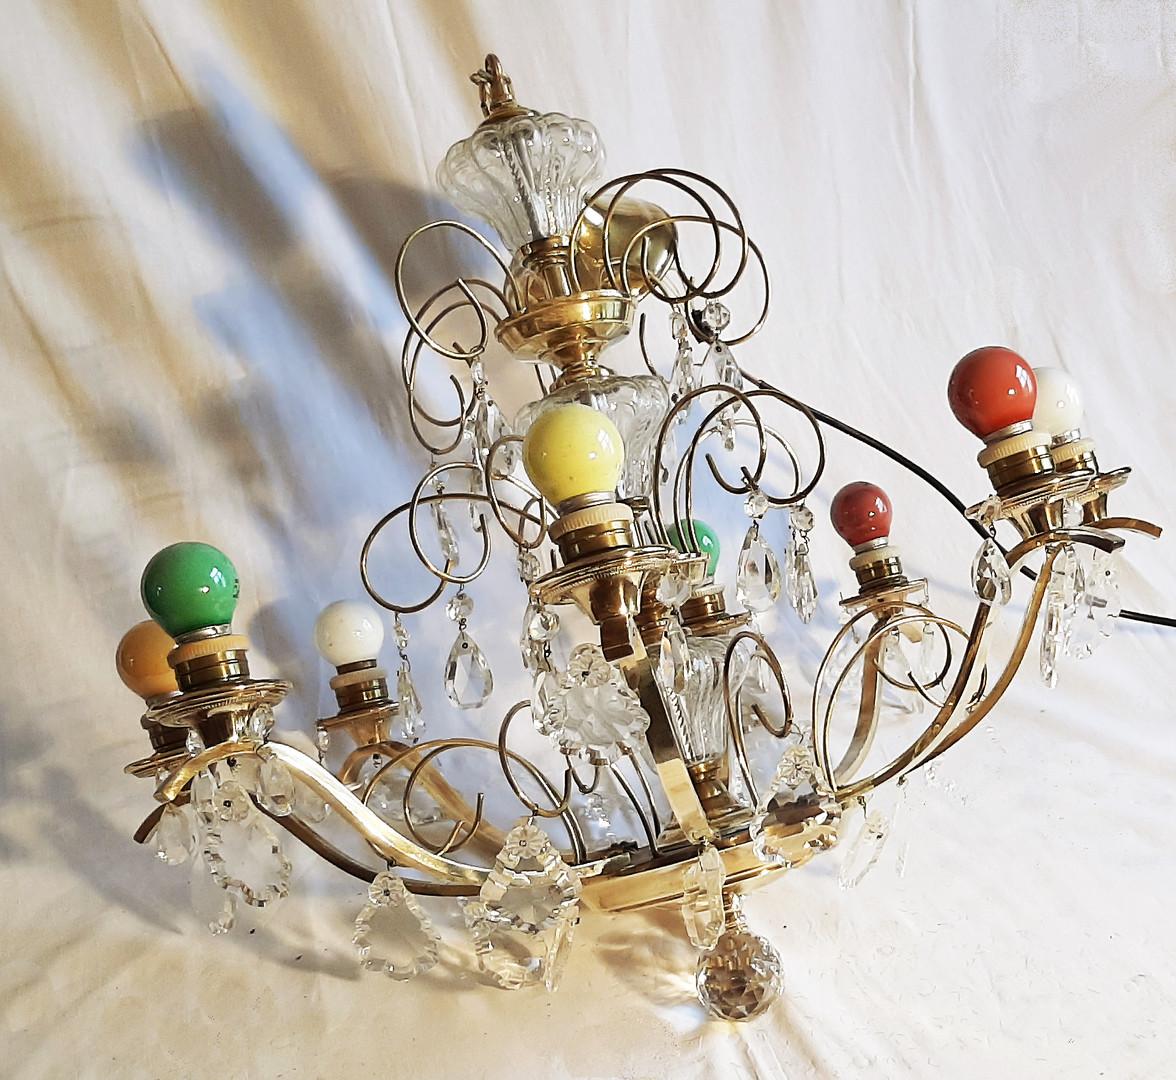 Lustre avec lampes de couleurs  Prix : 25 €  Plus d'infos :